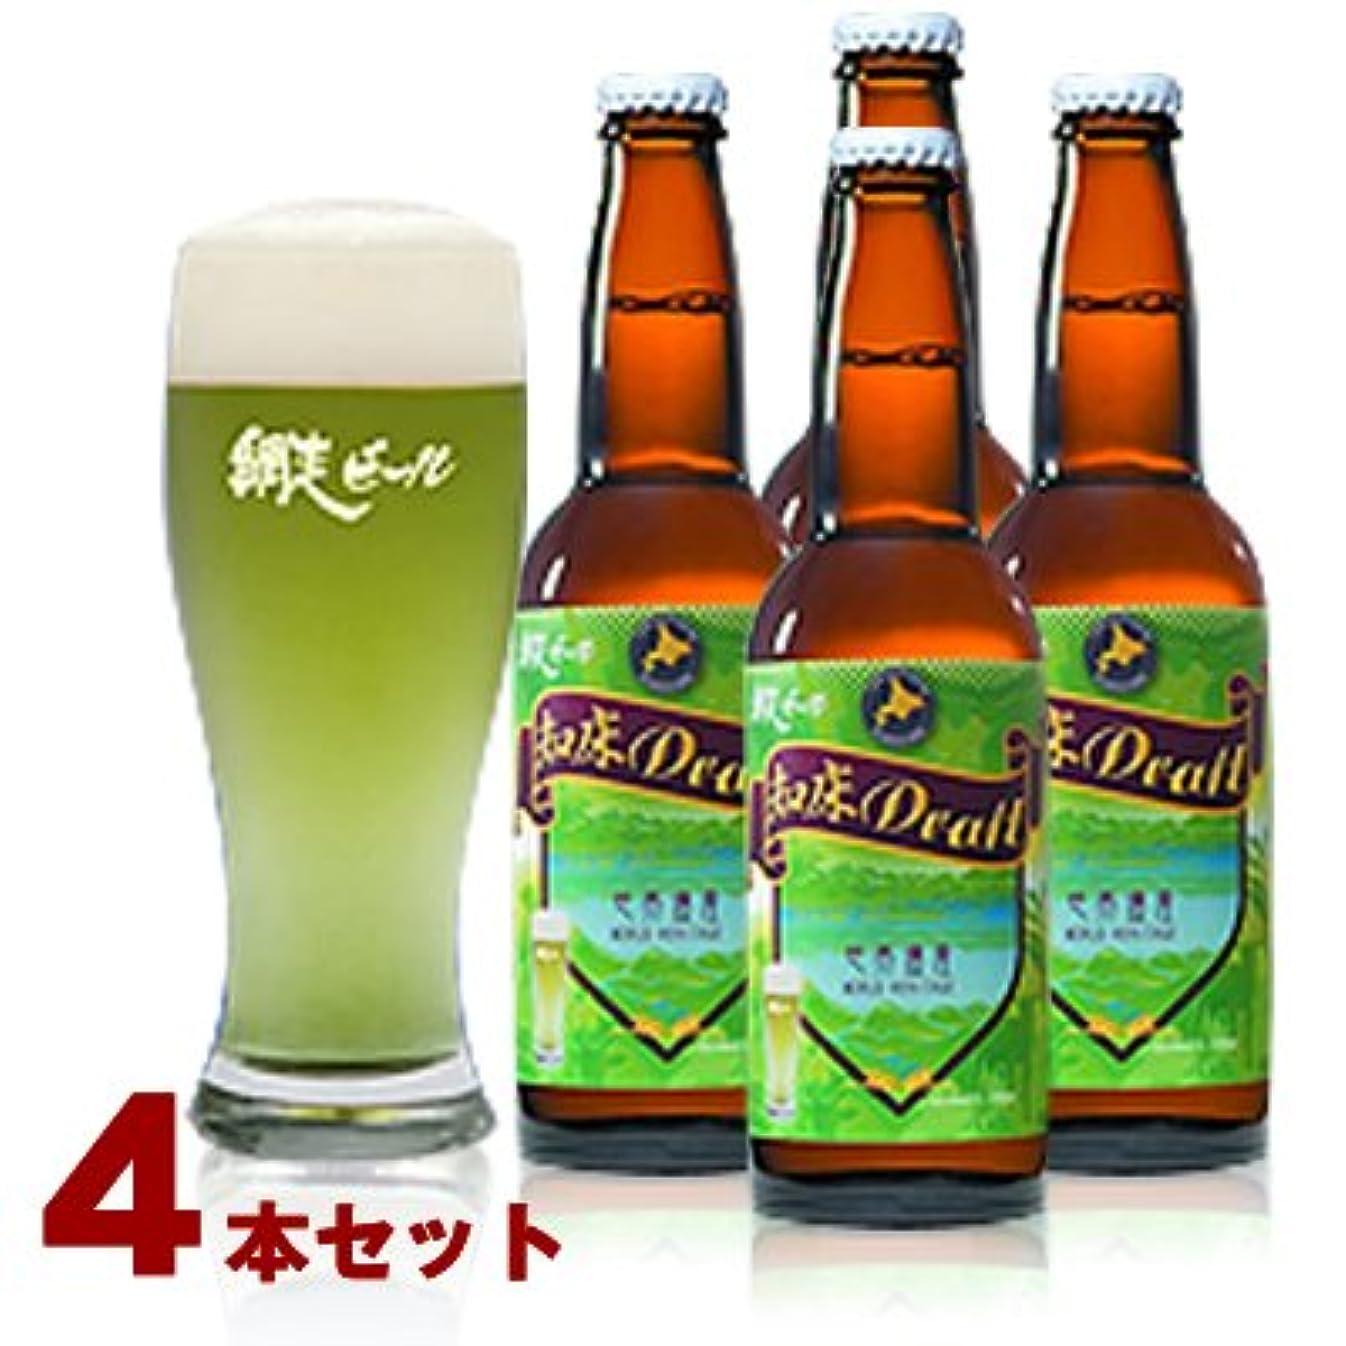 辛な準備剃る北海道で大人気の地ビール 「網走ビール 知床ドラフト4本セット」